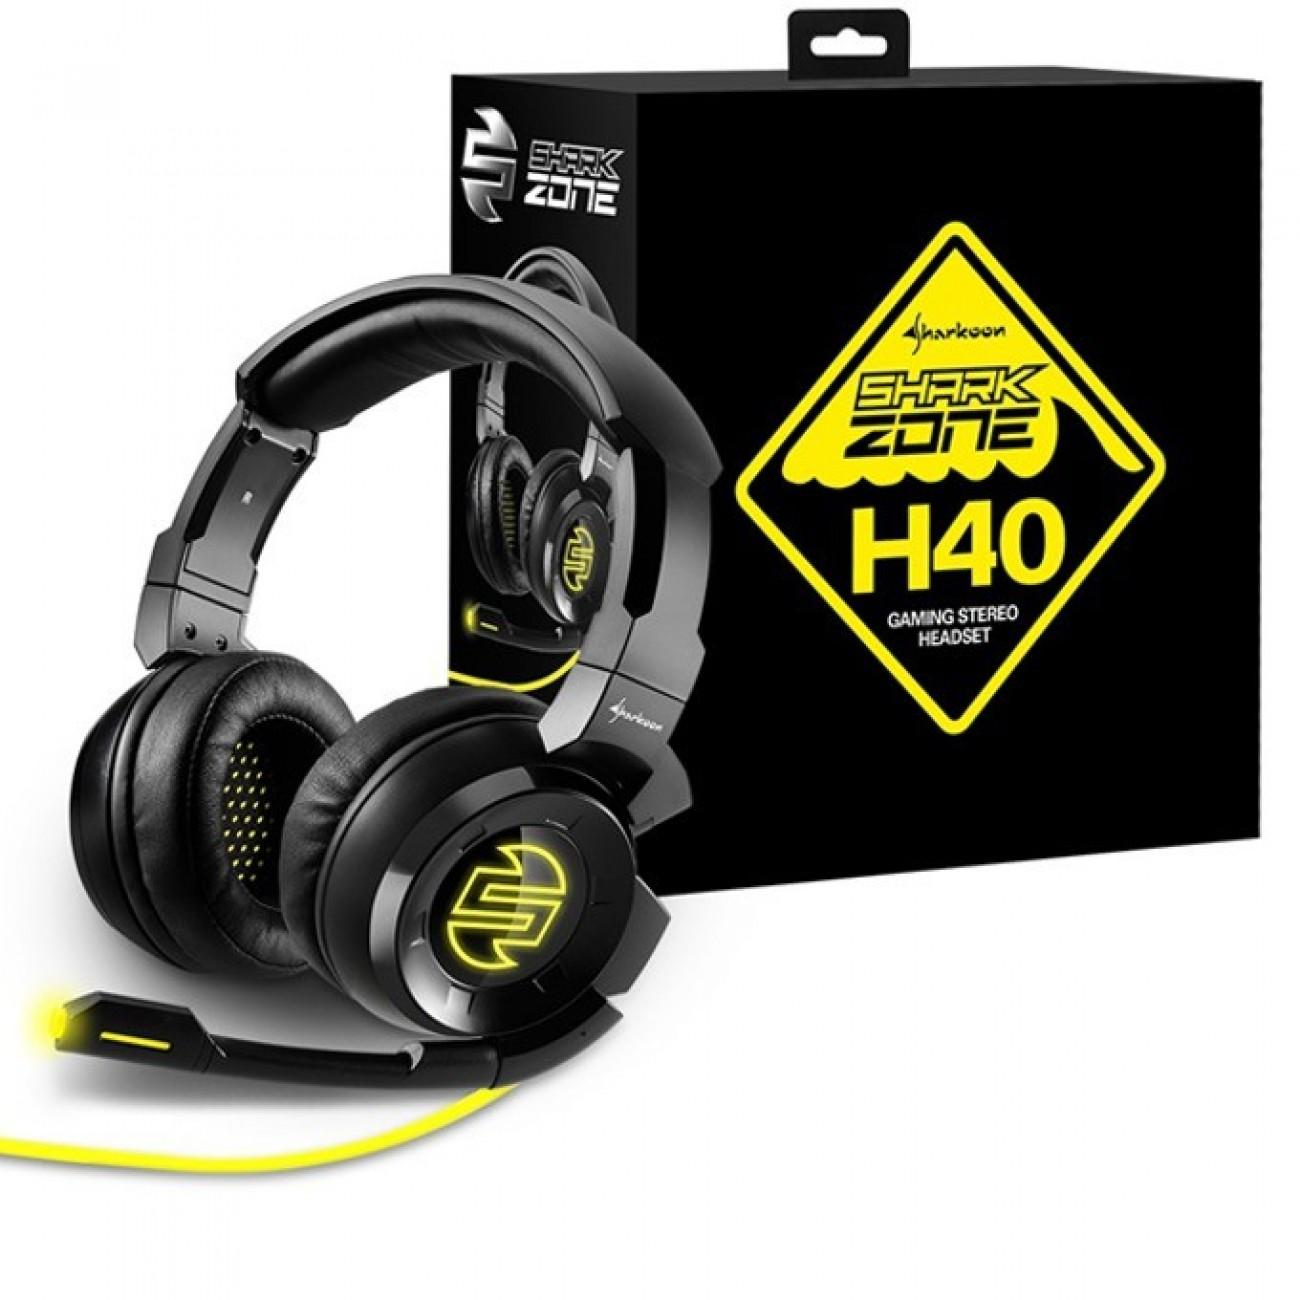 Слушалки Sharkoon Zone H40, микрофон, USB, 3.5mm Jack, 20 Hz - 20 kHz, черни в Слушалки -    Alleop